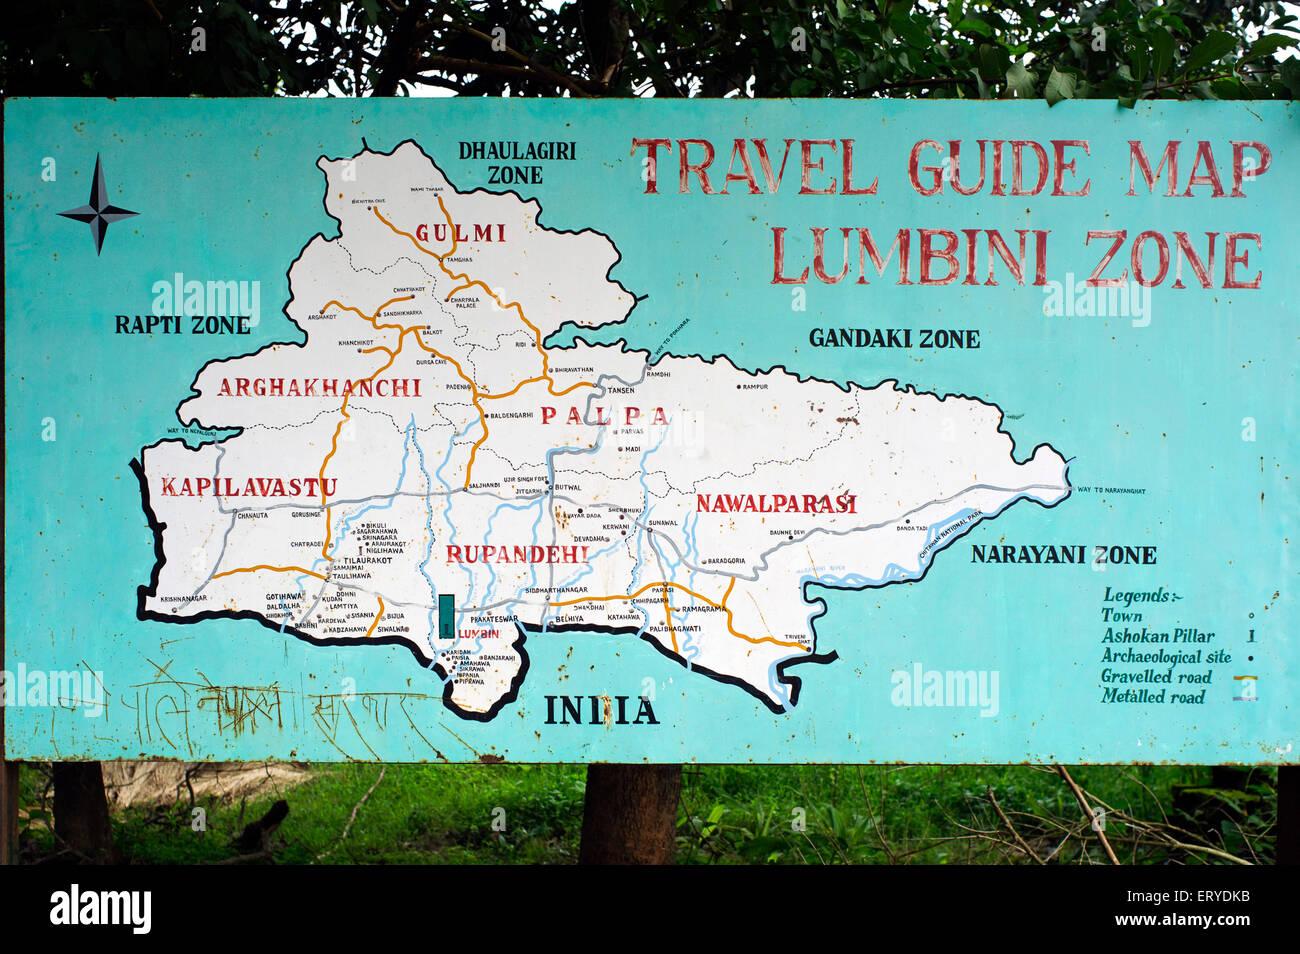 Buddhist pilgrim's travel guide map ; Lumbini Zone ; Nepal - Stock Image